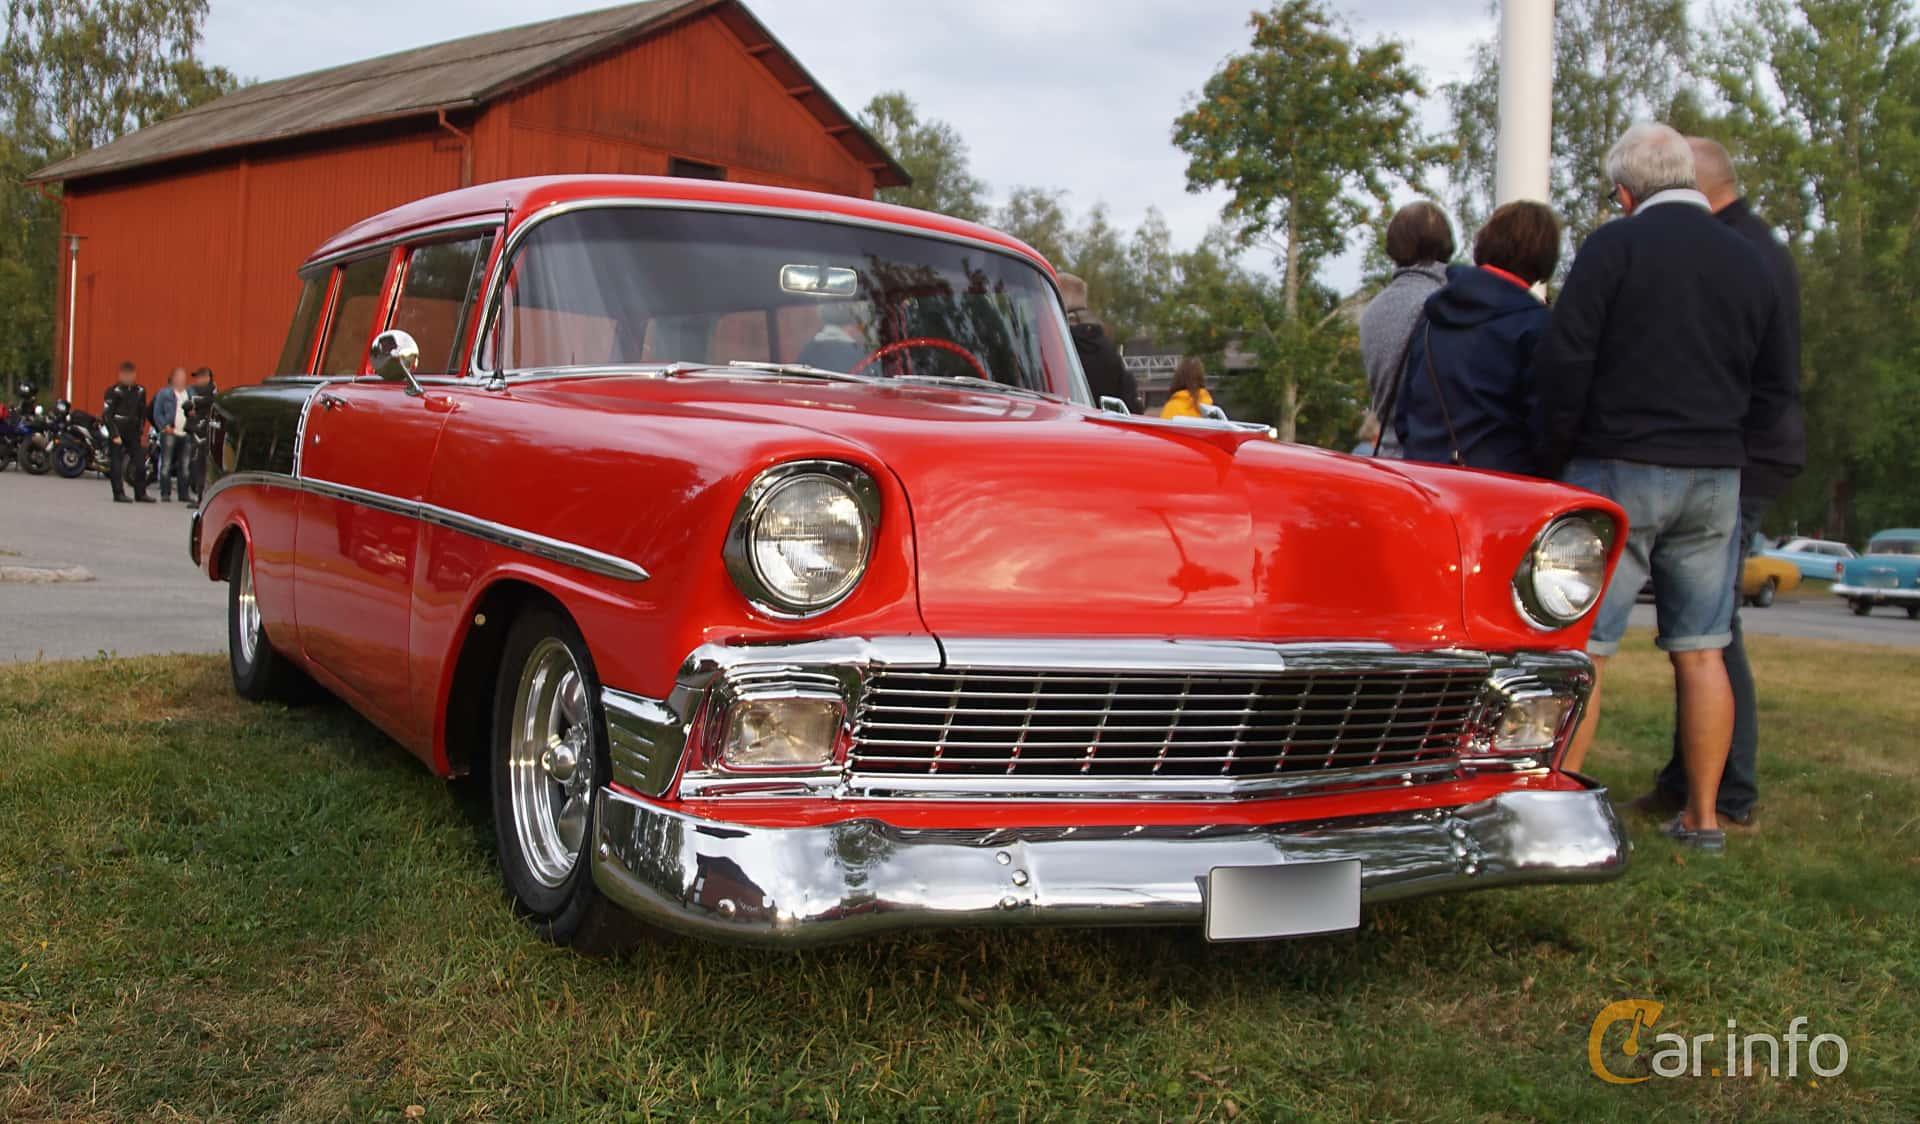 Front/Side  of Chevrolet 210 Handyman 3.9 Powerglide, 142ps, 1956 at Onsdagsträffar på Gammlia Umeå 2019 vecka 32